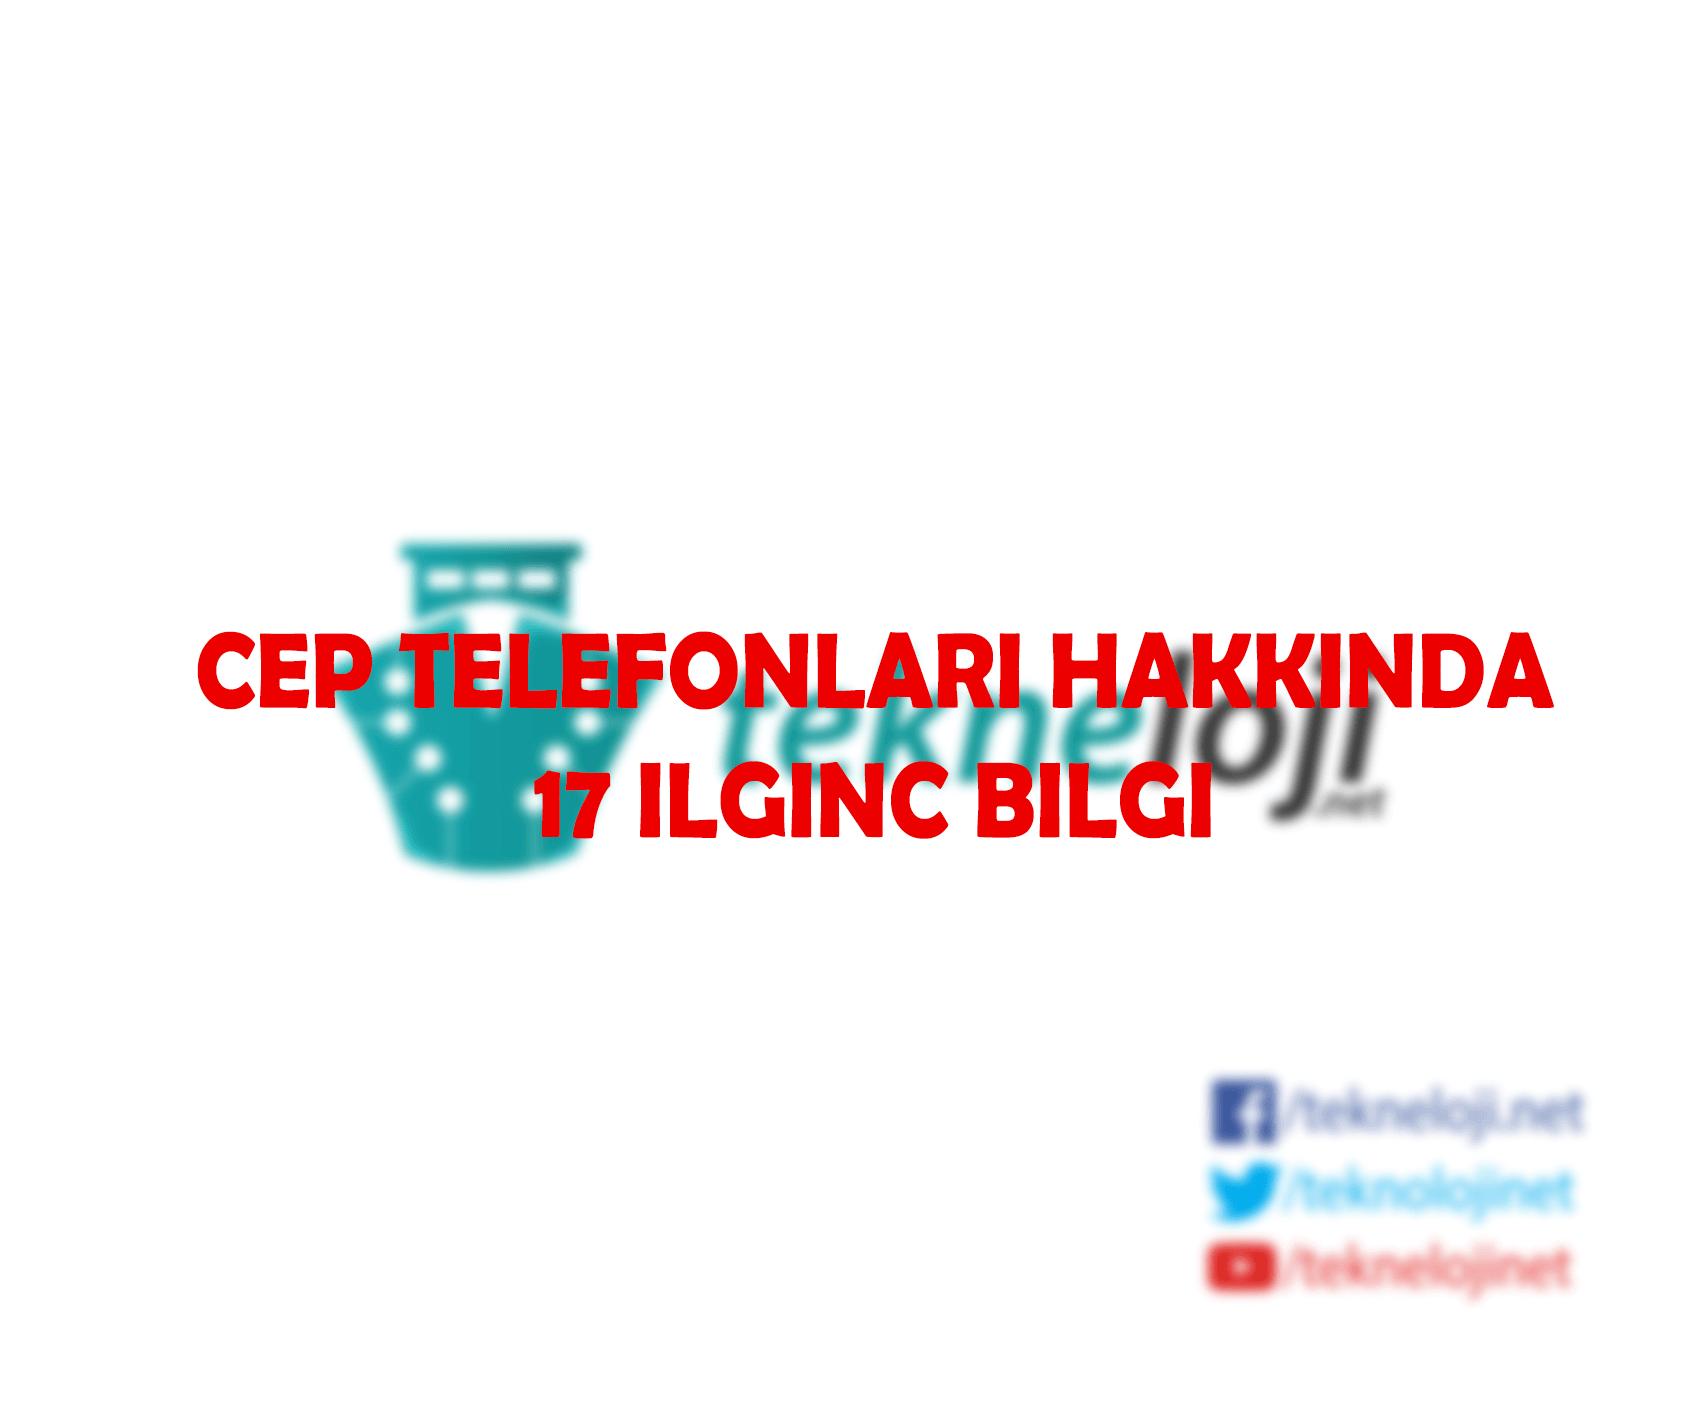 tablaaaa